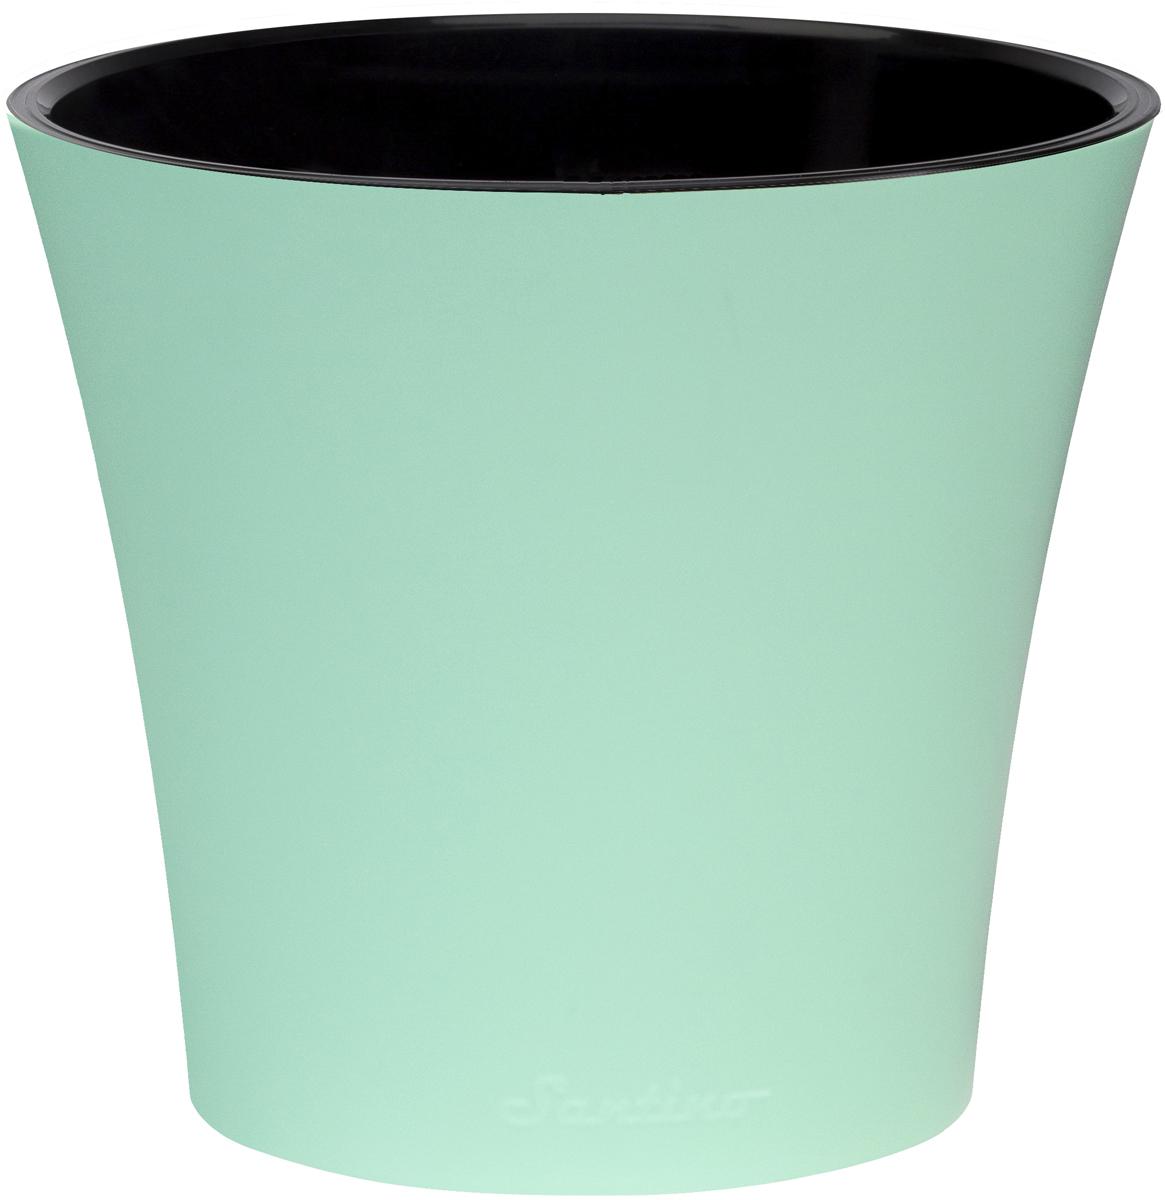 Горшок для цветов Santino Арте, двойной, с системой автополива, цвет: мятный, черный, 3,5 лАРТ 3,5 М-ЧЛюбой, даже самый современный и продуманный интерьер будет незавершенным без растений. Они не только очищают воздух и насыщают его кислородом, но и украшают окружающее пространство. Горшок Santino выполненный из высококачественного пластика, предназначен для выращивания комнатных цветов, растений и трав.Инновационная система автополива обладает рядом преимуществ: экономит время при уходе за растением, вода не протекает при поливе, и нет необходимости в подставке, корни не застаиваются в воде.Такой горшок порадует вас современным дизайном и функциональностью, а также оригинально украсит интерьер любого помещения.Высота горшка: 18 см;Диаметр: 20 см.